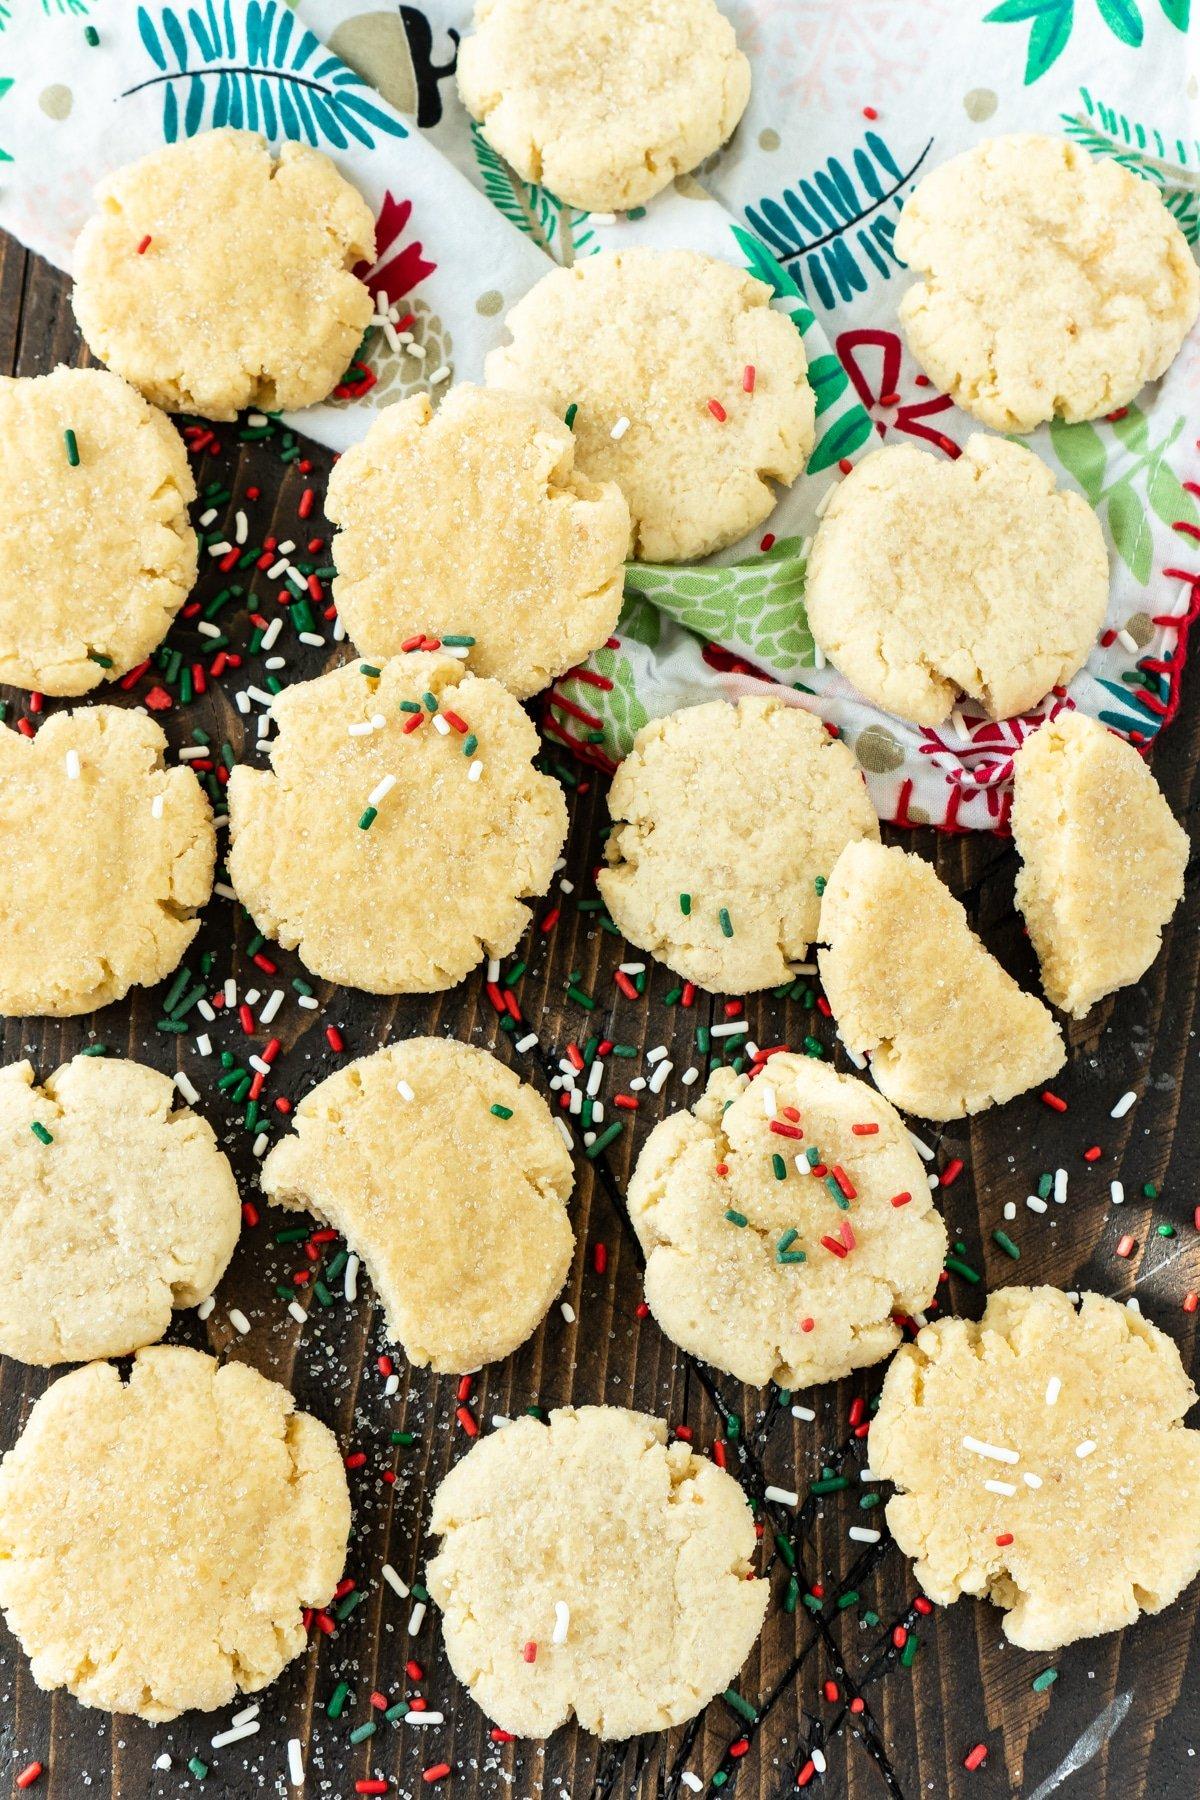 orange sugar cookies with sprinkles